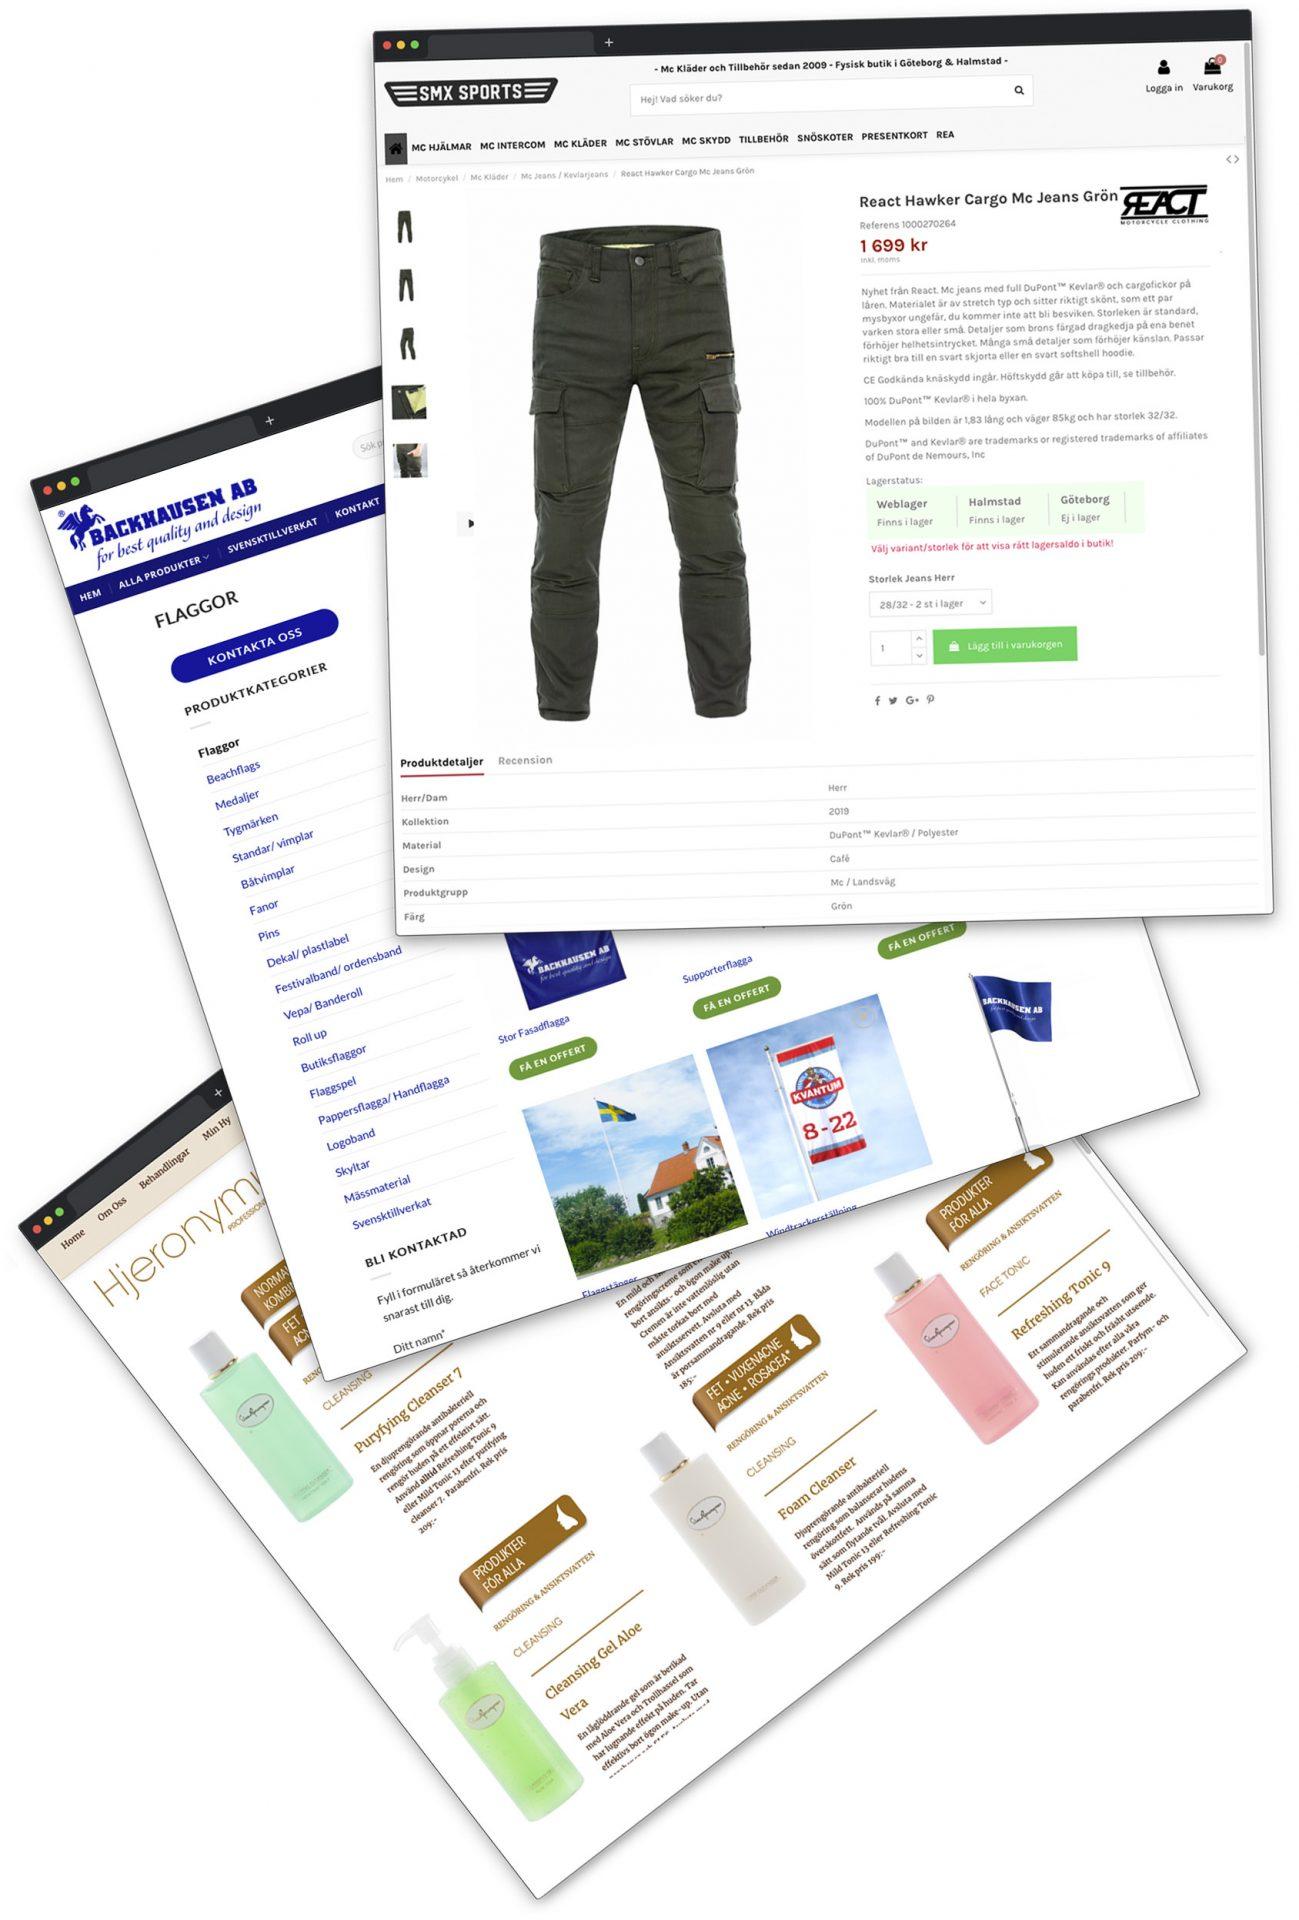 webbshop, webbshoppar, produktbilder för webbshop, starta webbshop, produktfoto, artiklar